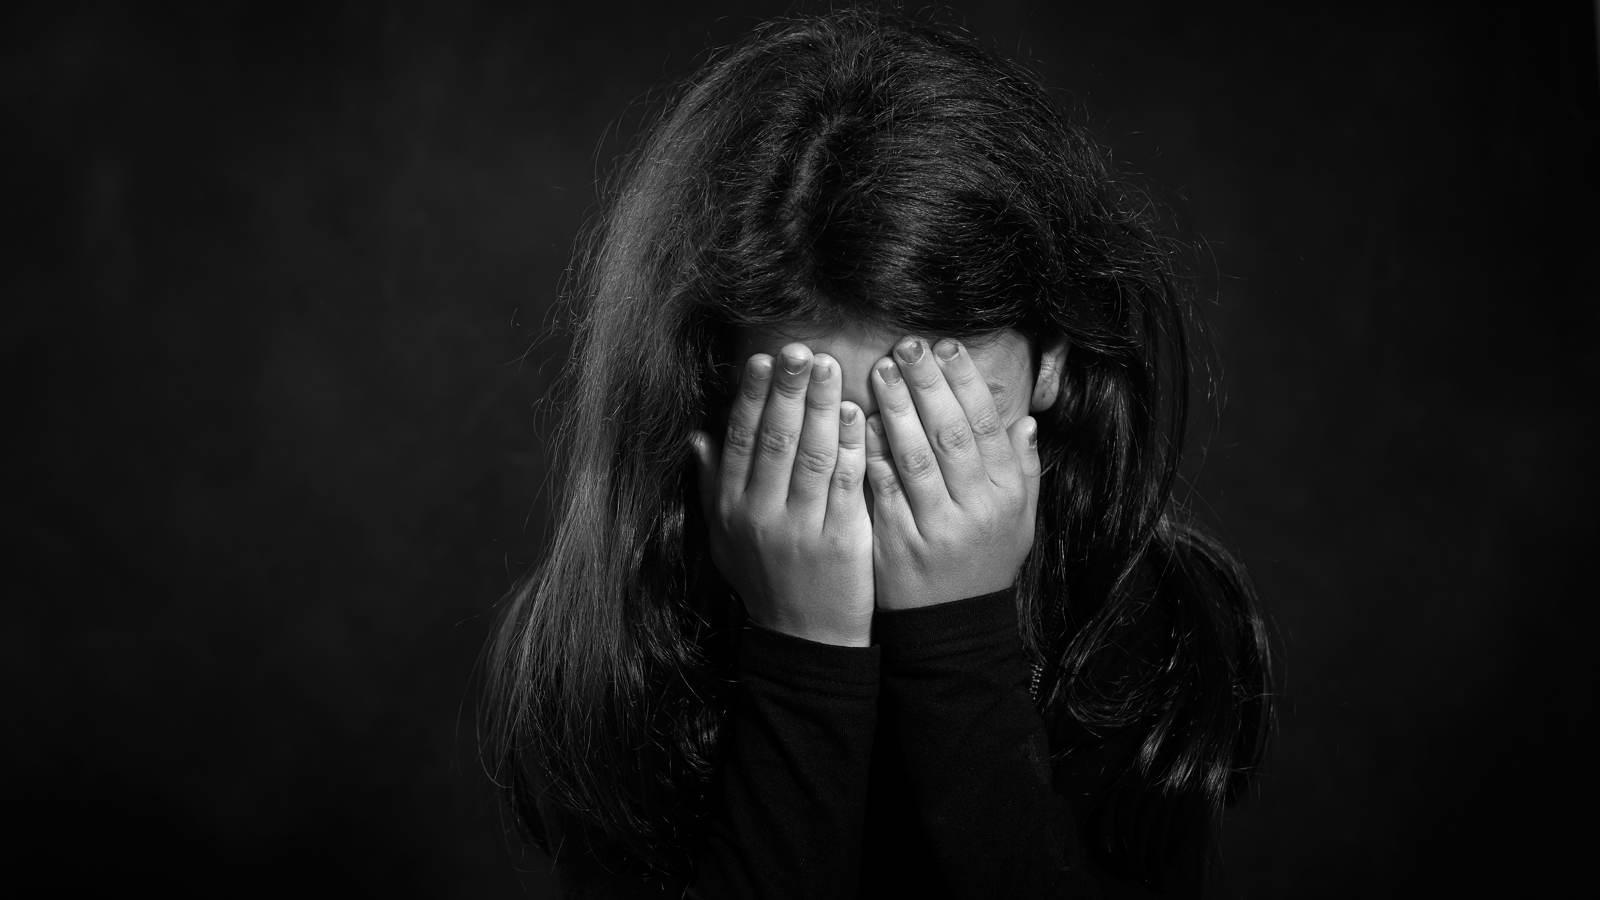 gewalt gegenüber kindern